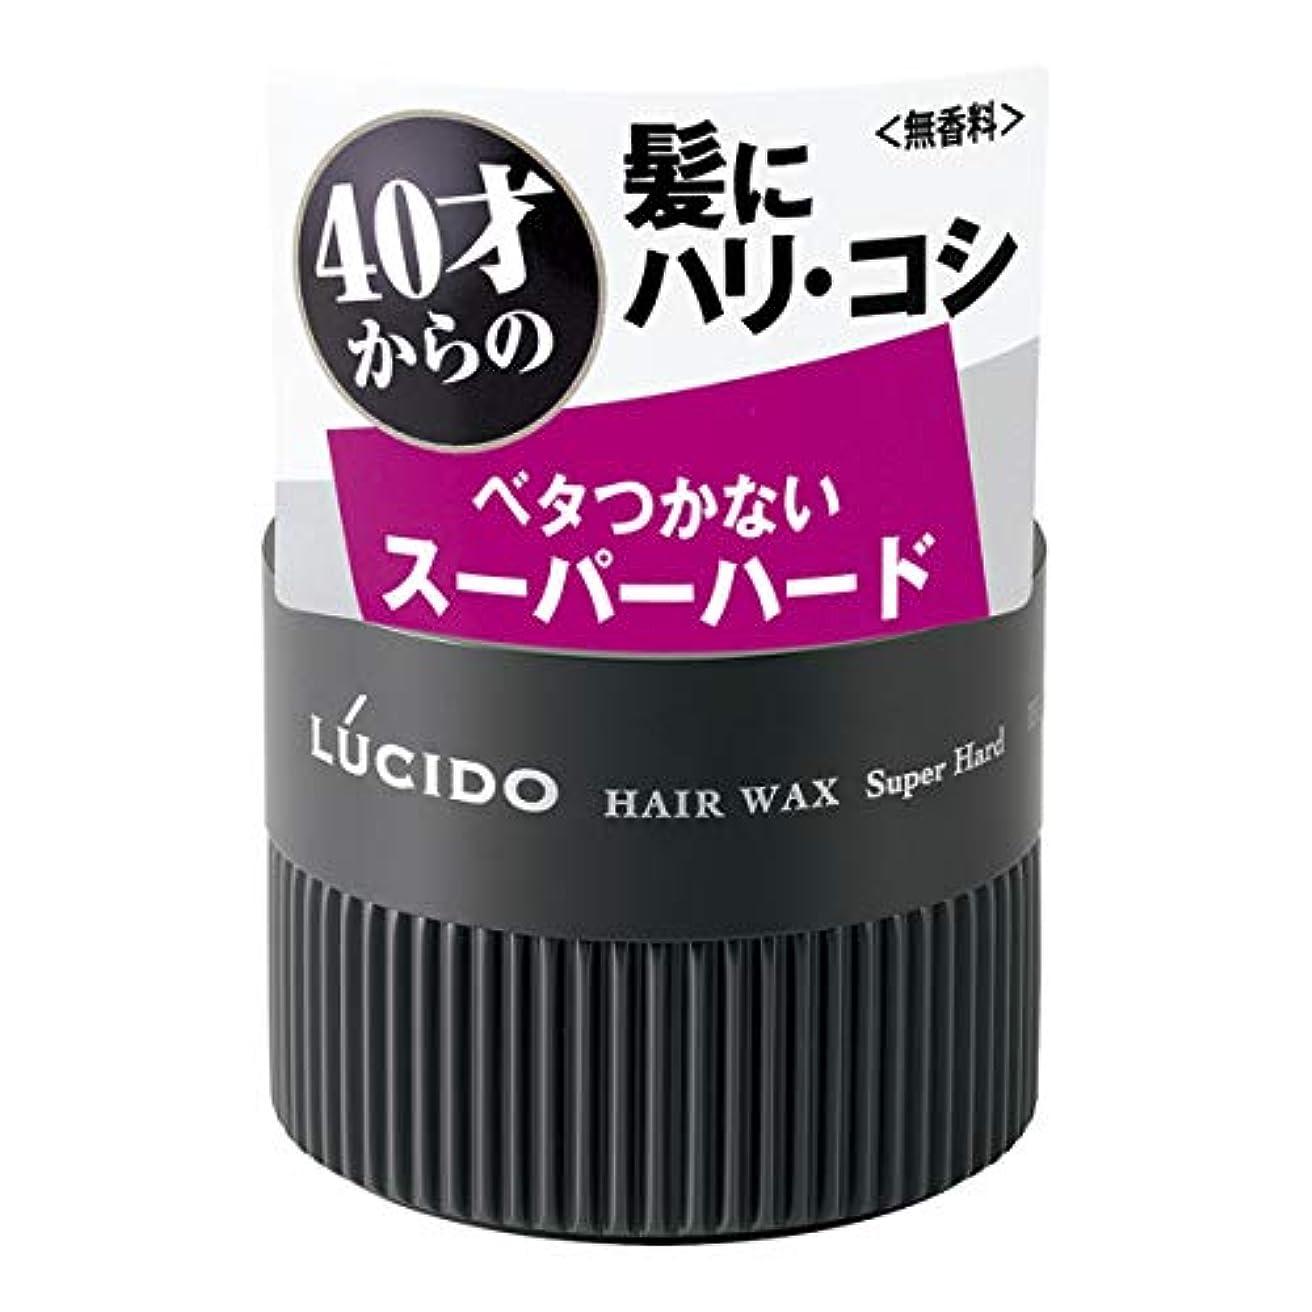 勇敢な透過性宿題LUCIDO(ルシード) ヘアワックス スーパーハード 80g